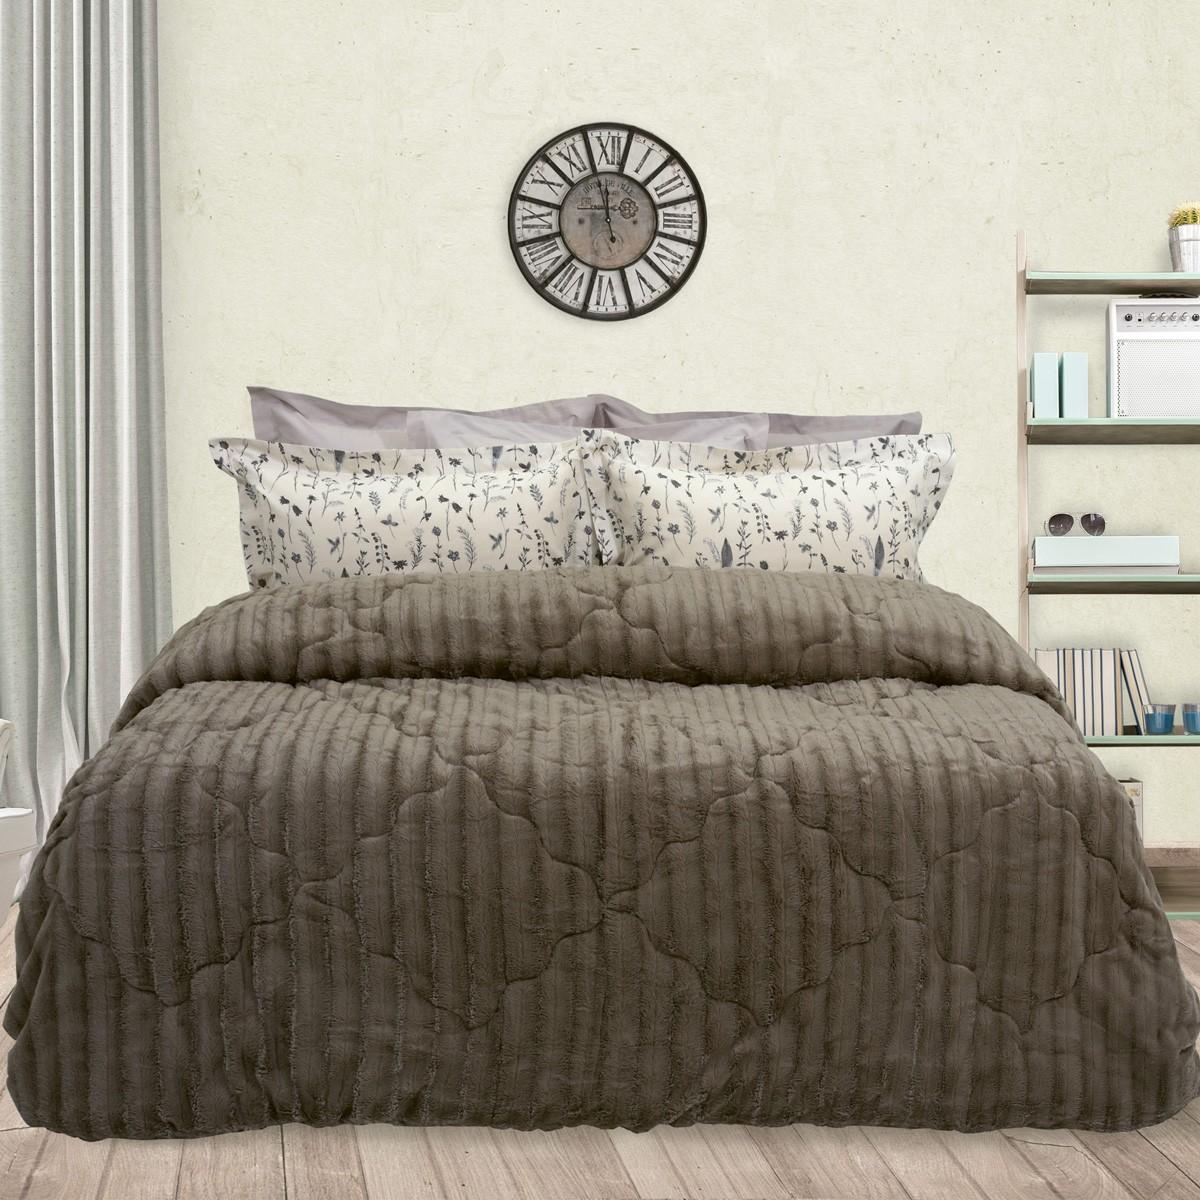 Κουβερτοπάπλωμα Υπέρδιπλο Das Home Blanket Faux Fur Fleece 1115